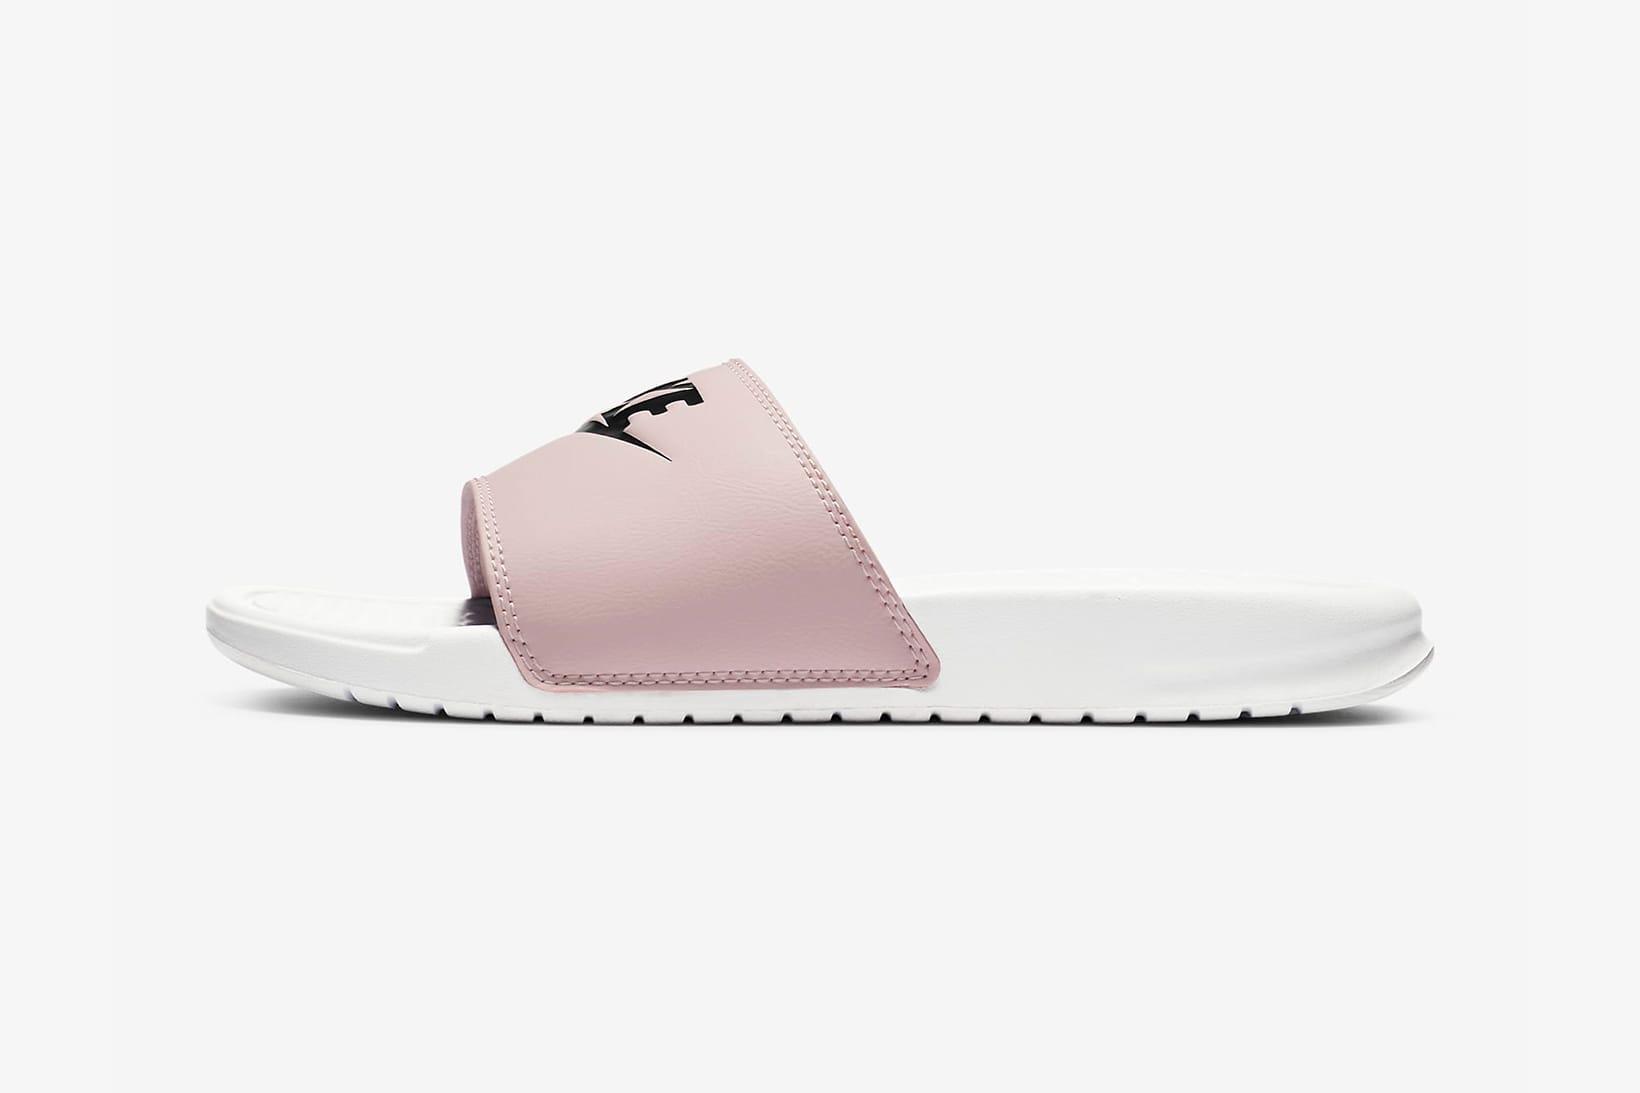 nike benassi slides womens pink